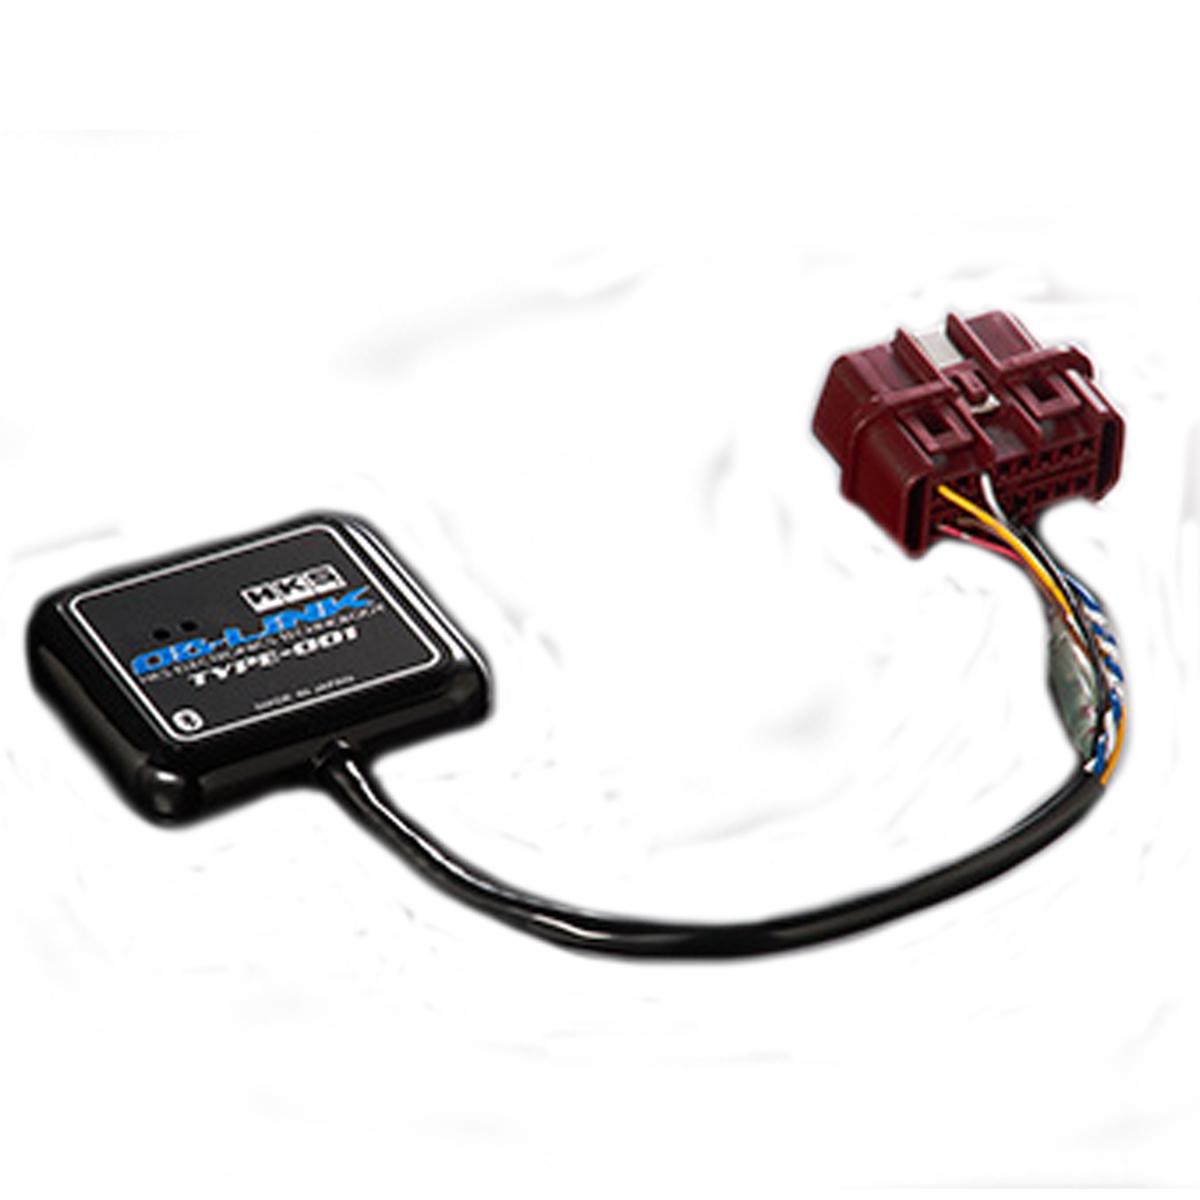 ヴォクシー モニター OBリンク タイプ 001 ZRR70W ZRR75W ZRR70G ZRR75G HKS 44009-AK002 エレクトリニクス